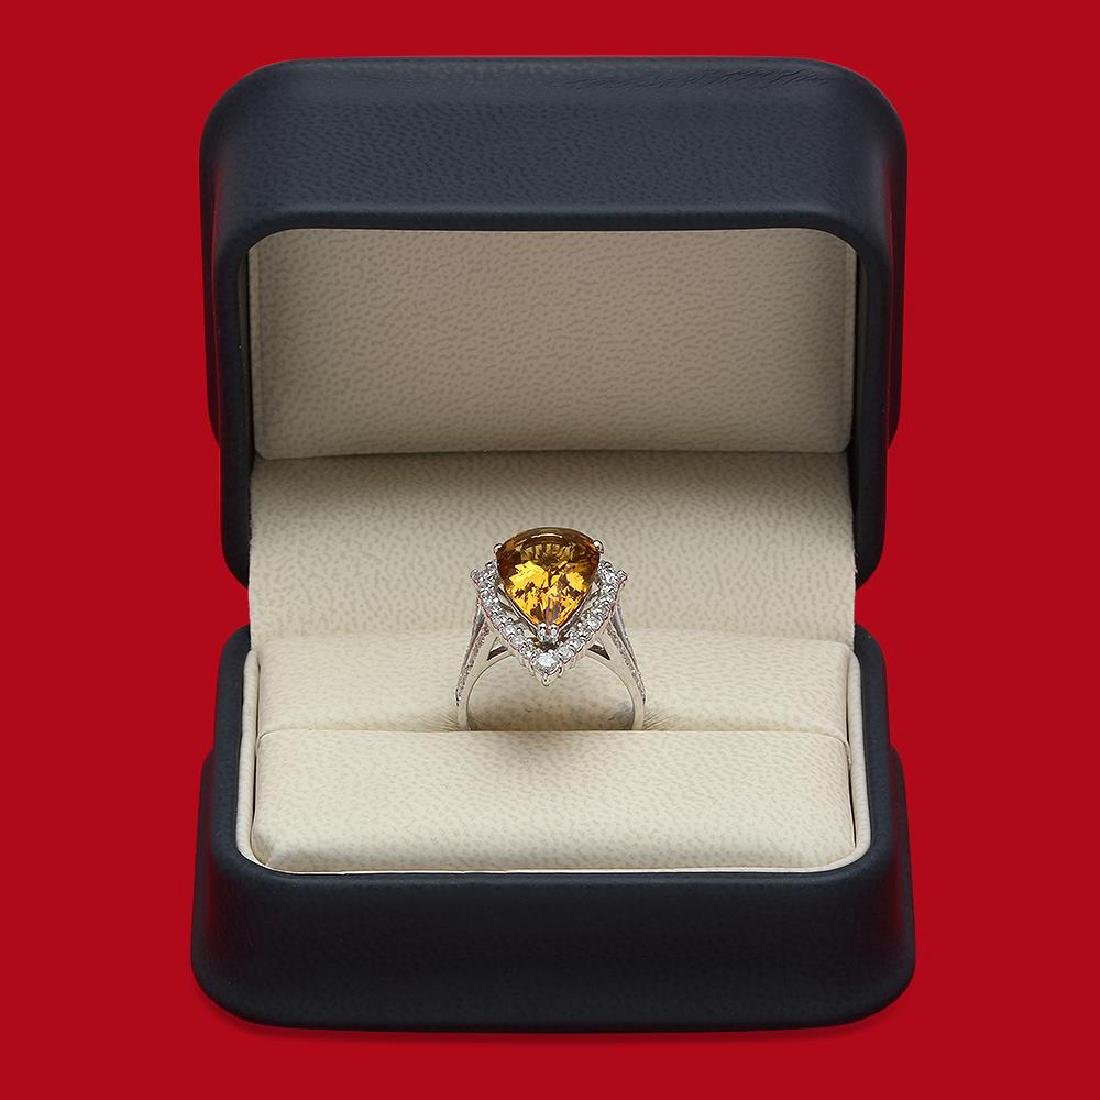 14K Gold 5.46ct Yellow Beryl 1.10ct Diamond Ring - 4